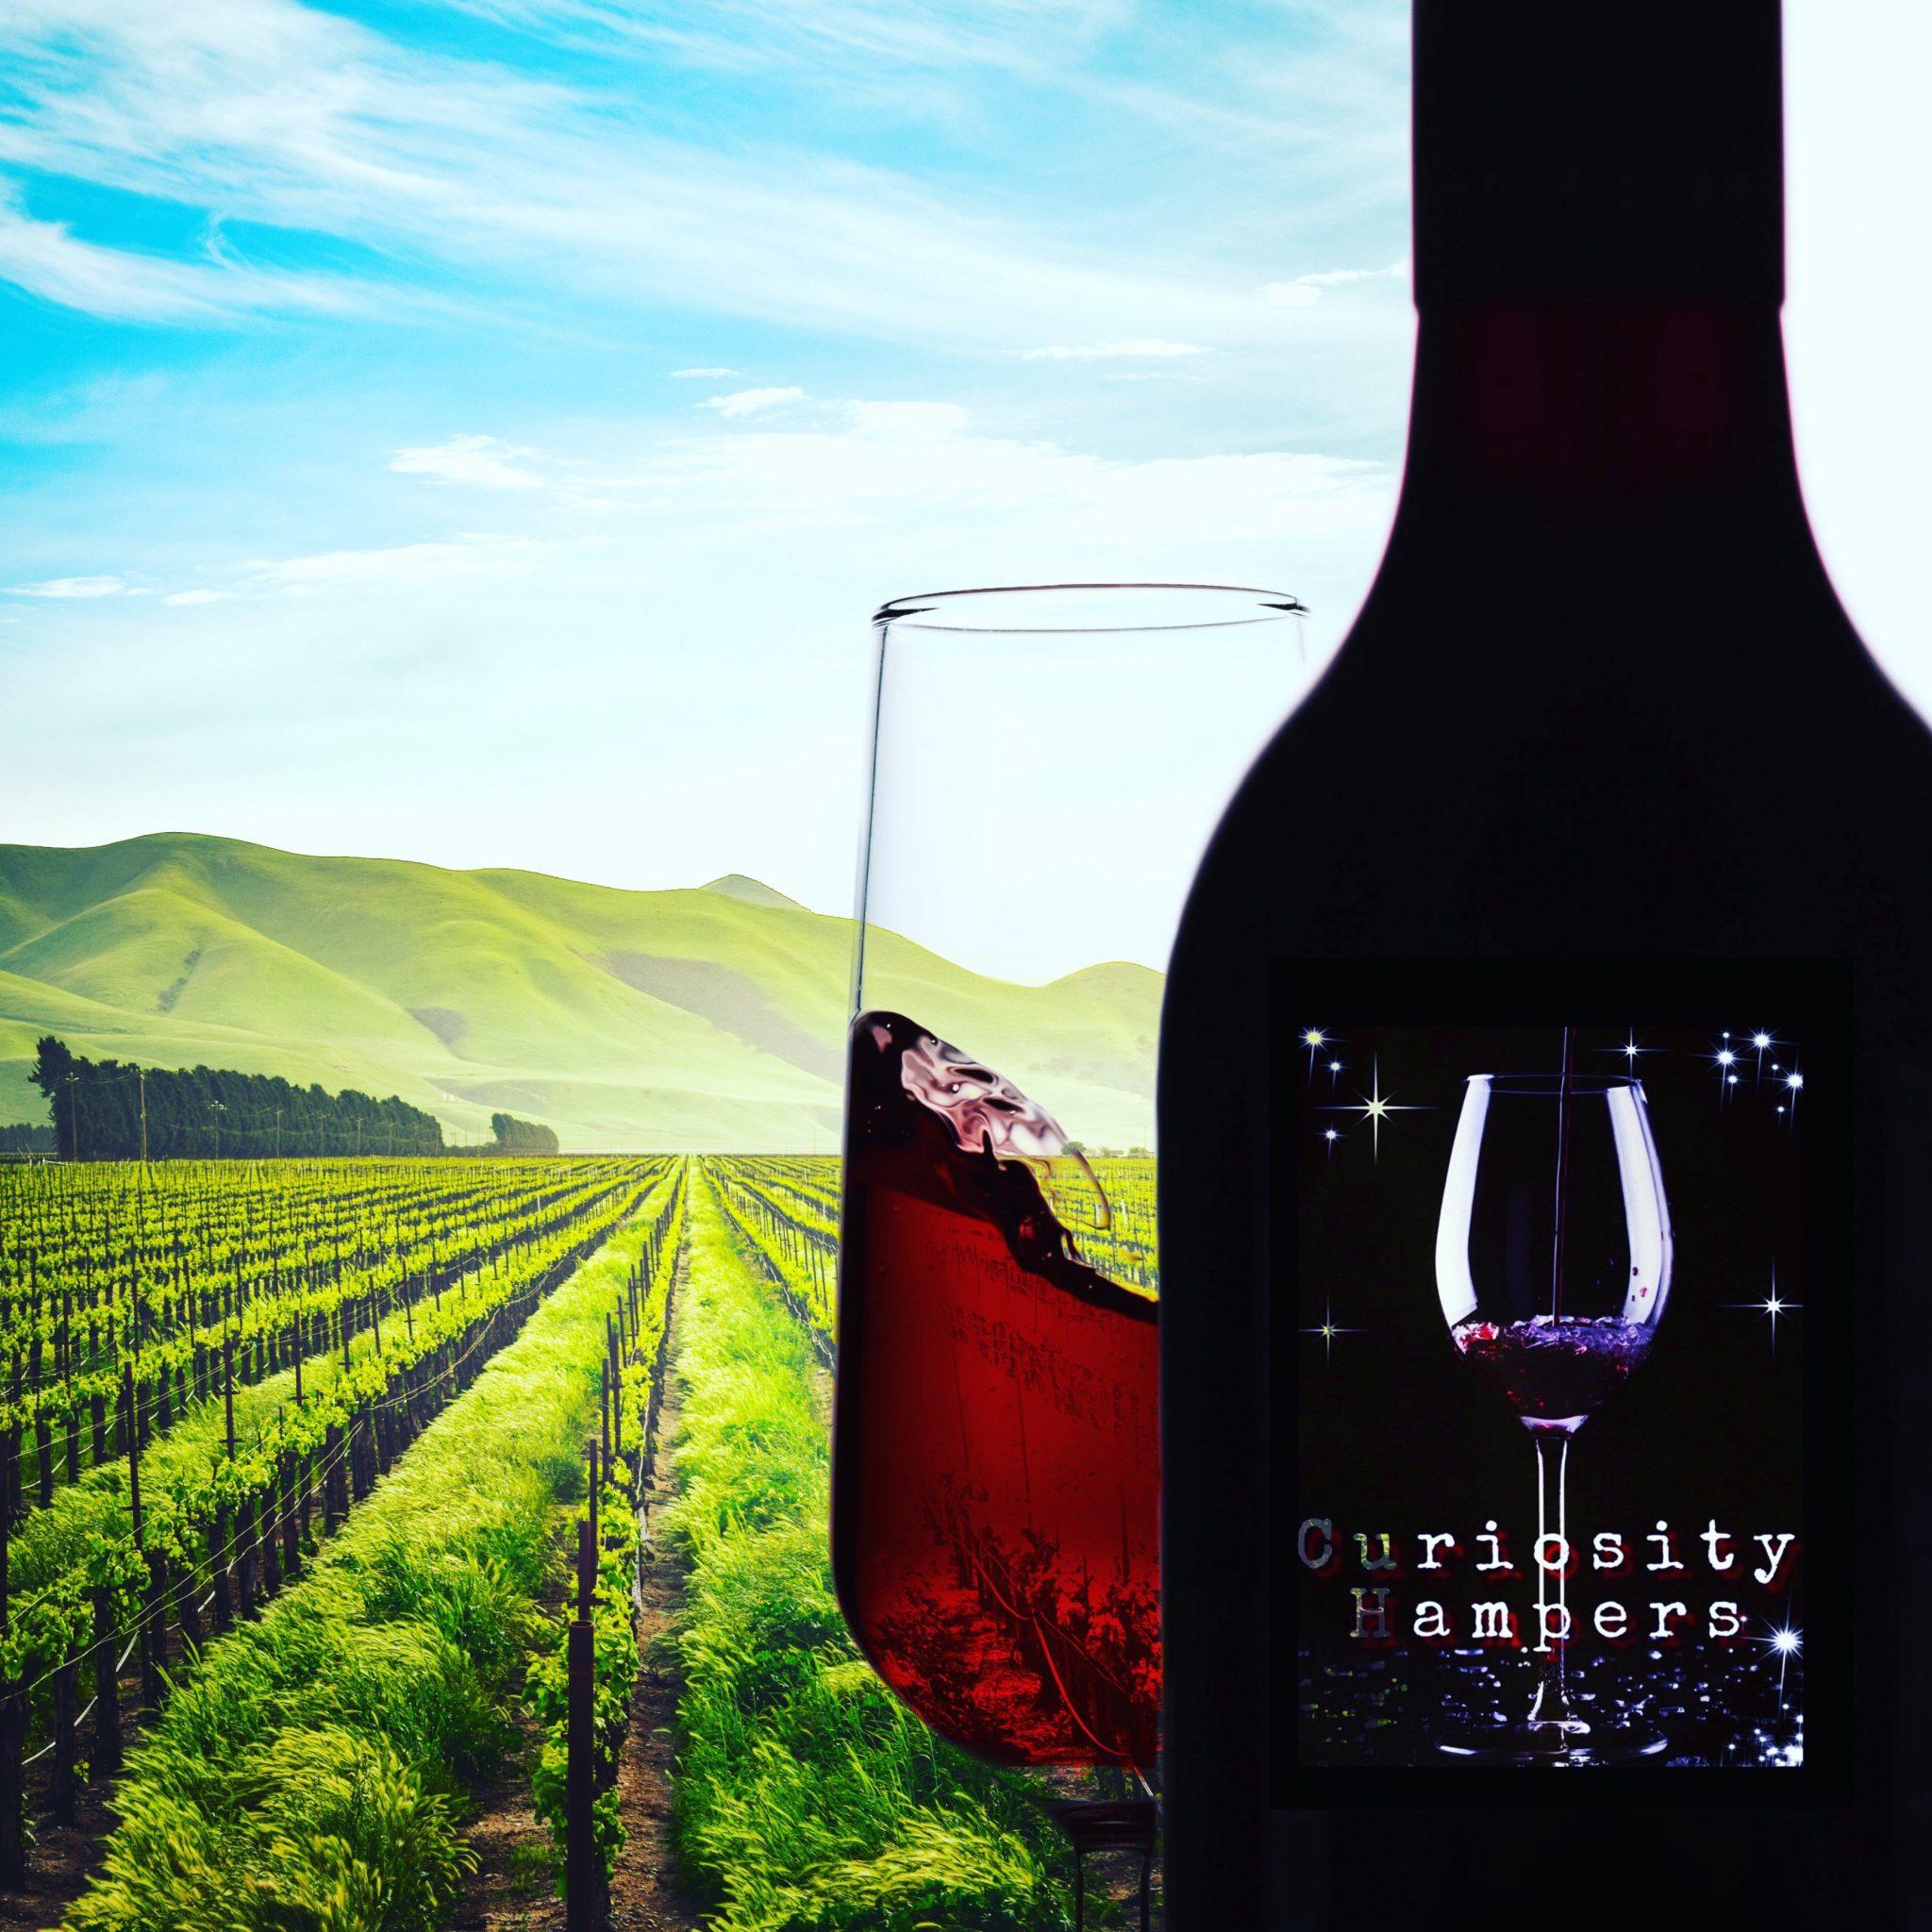 du vin - Bière Fresh taste from Bellarine and Geelong gift hampersGeelong and bellarine hampe